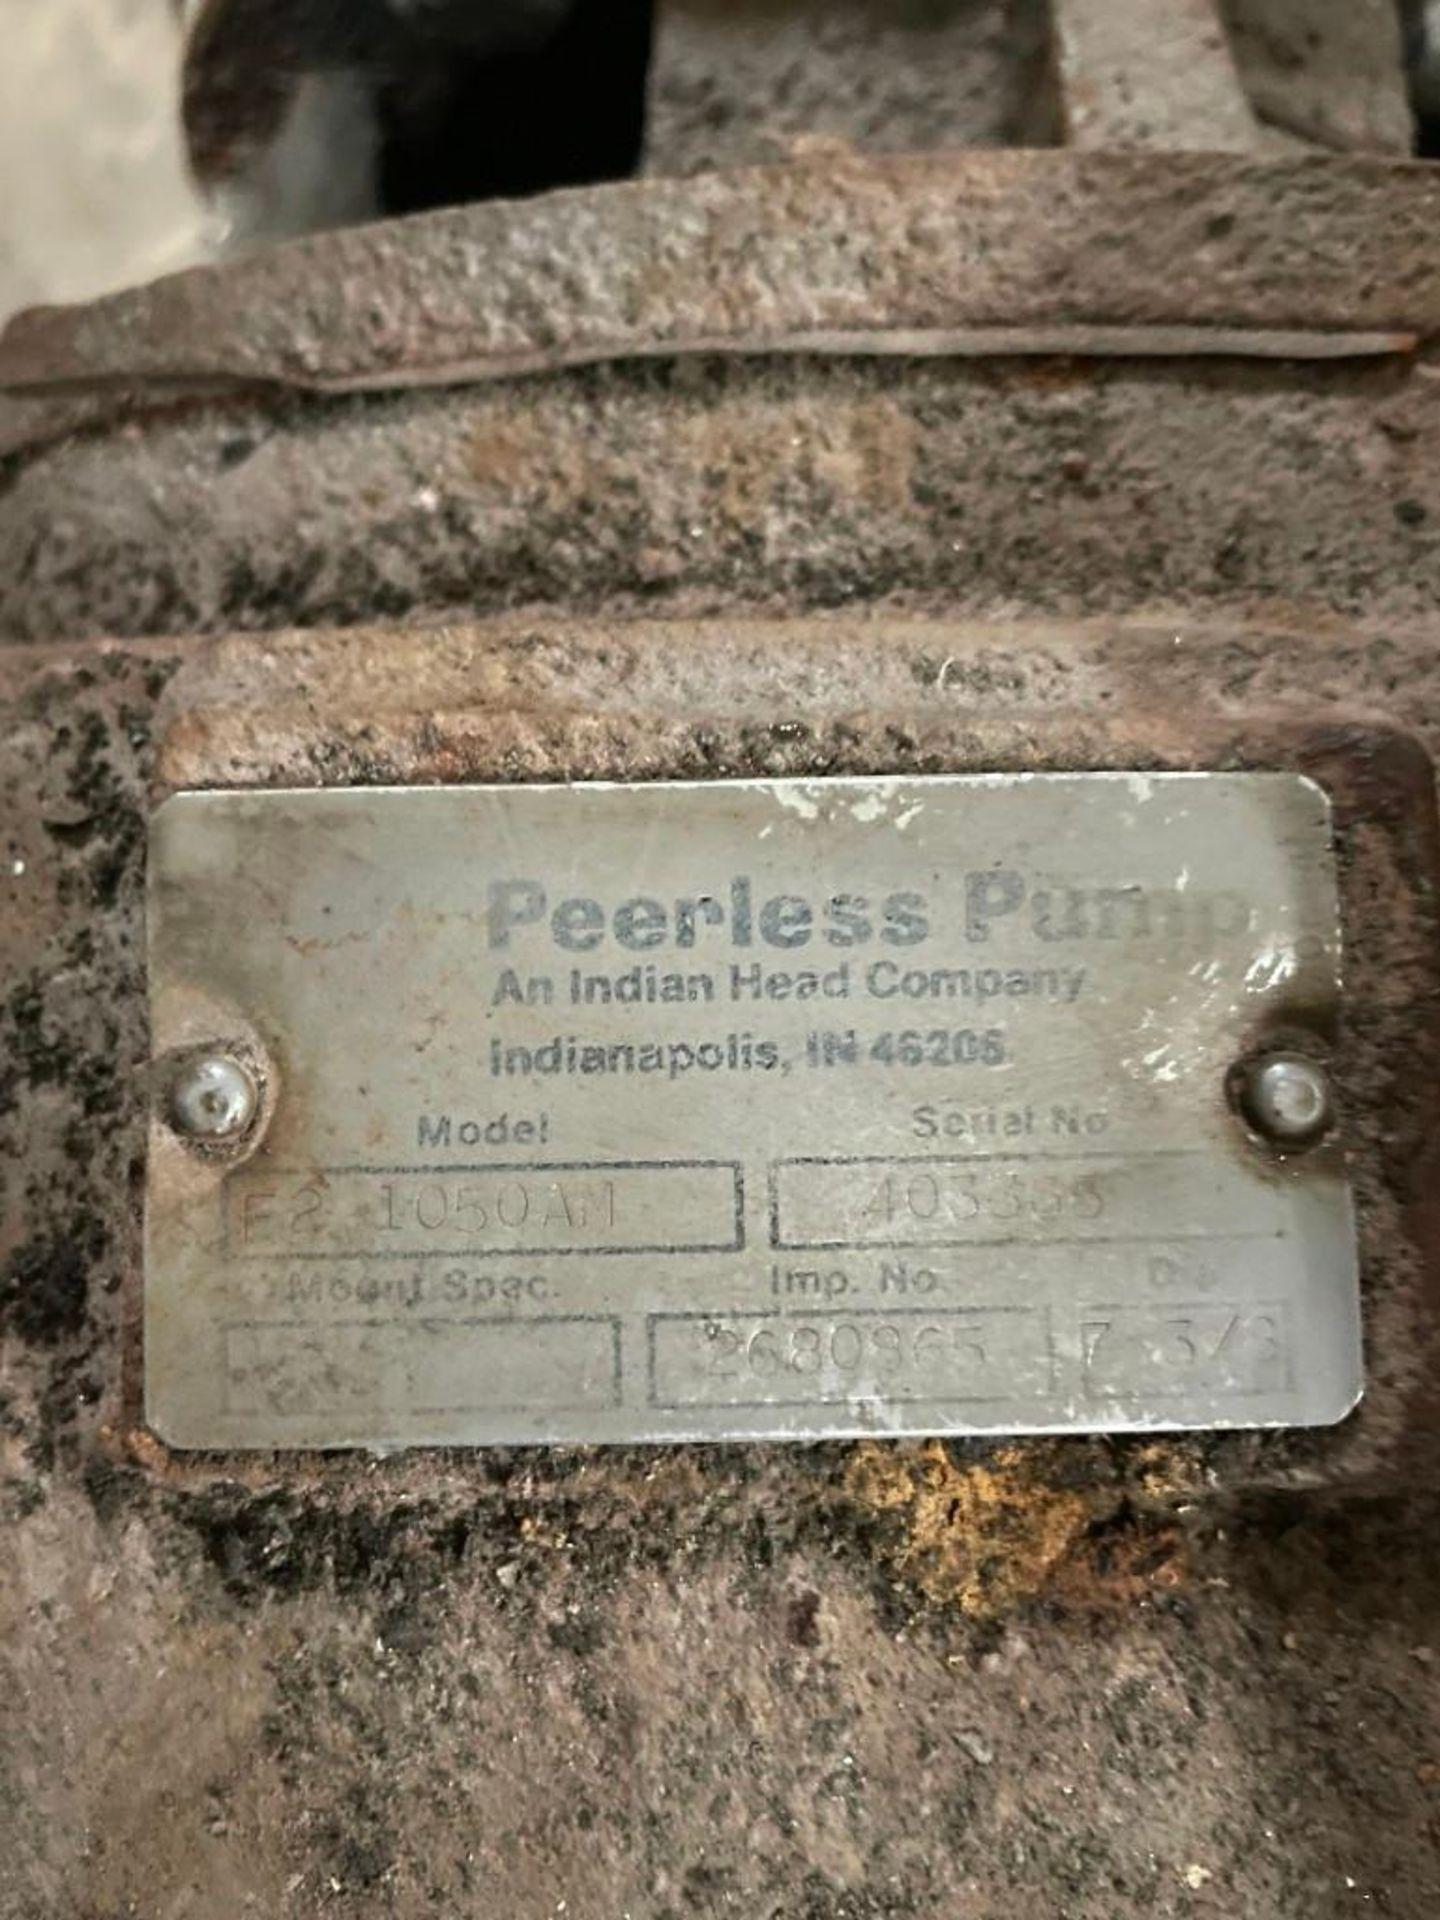 Peerless Pump with 10 Horsepower Baldor Motor - Image 2 of 4